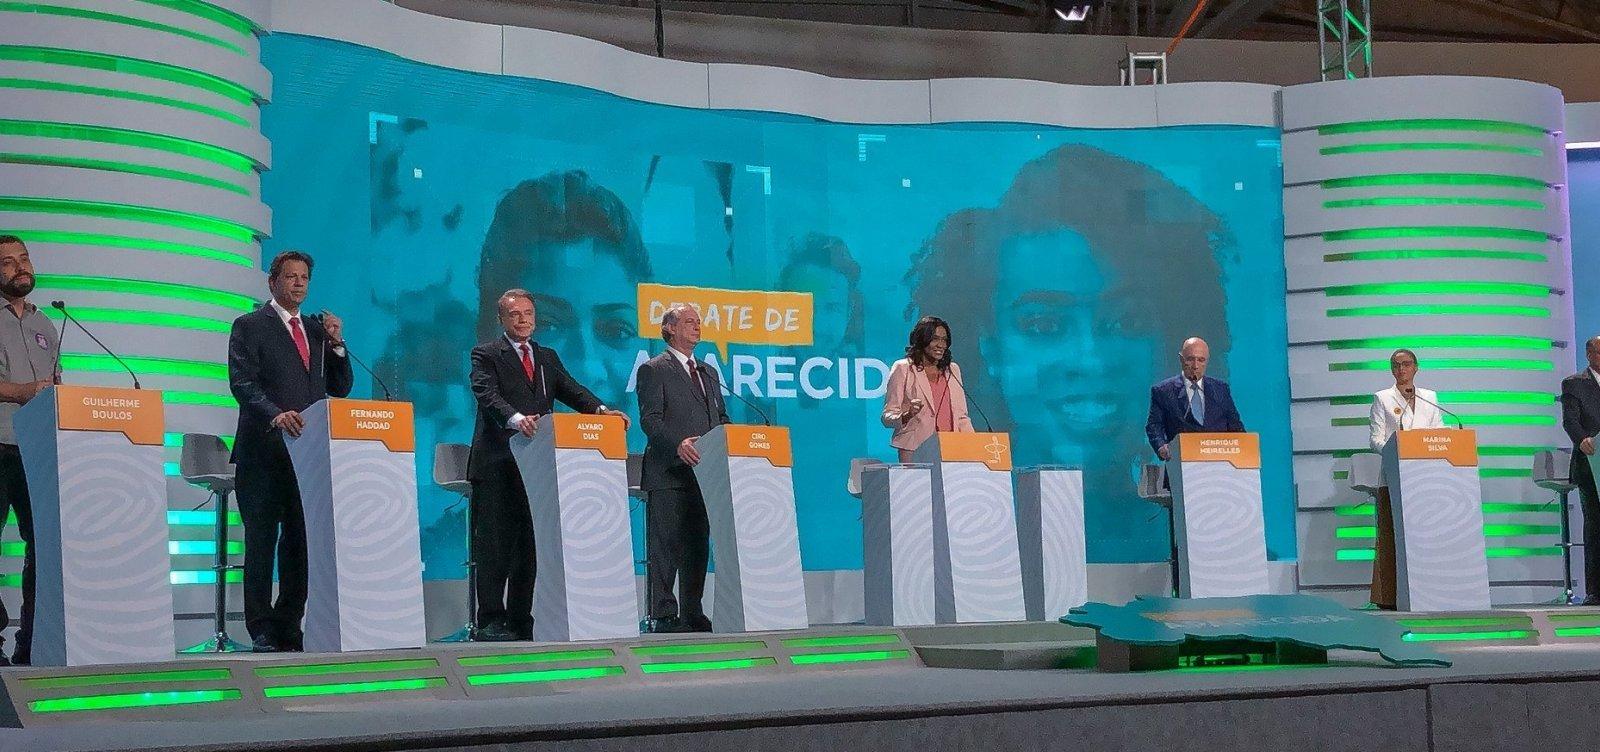 Datafolha: para 67% dos eleitores, debates são muito importantes no 2º turno